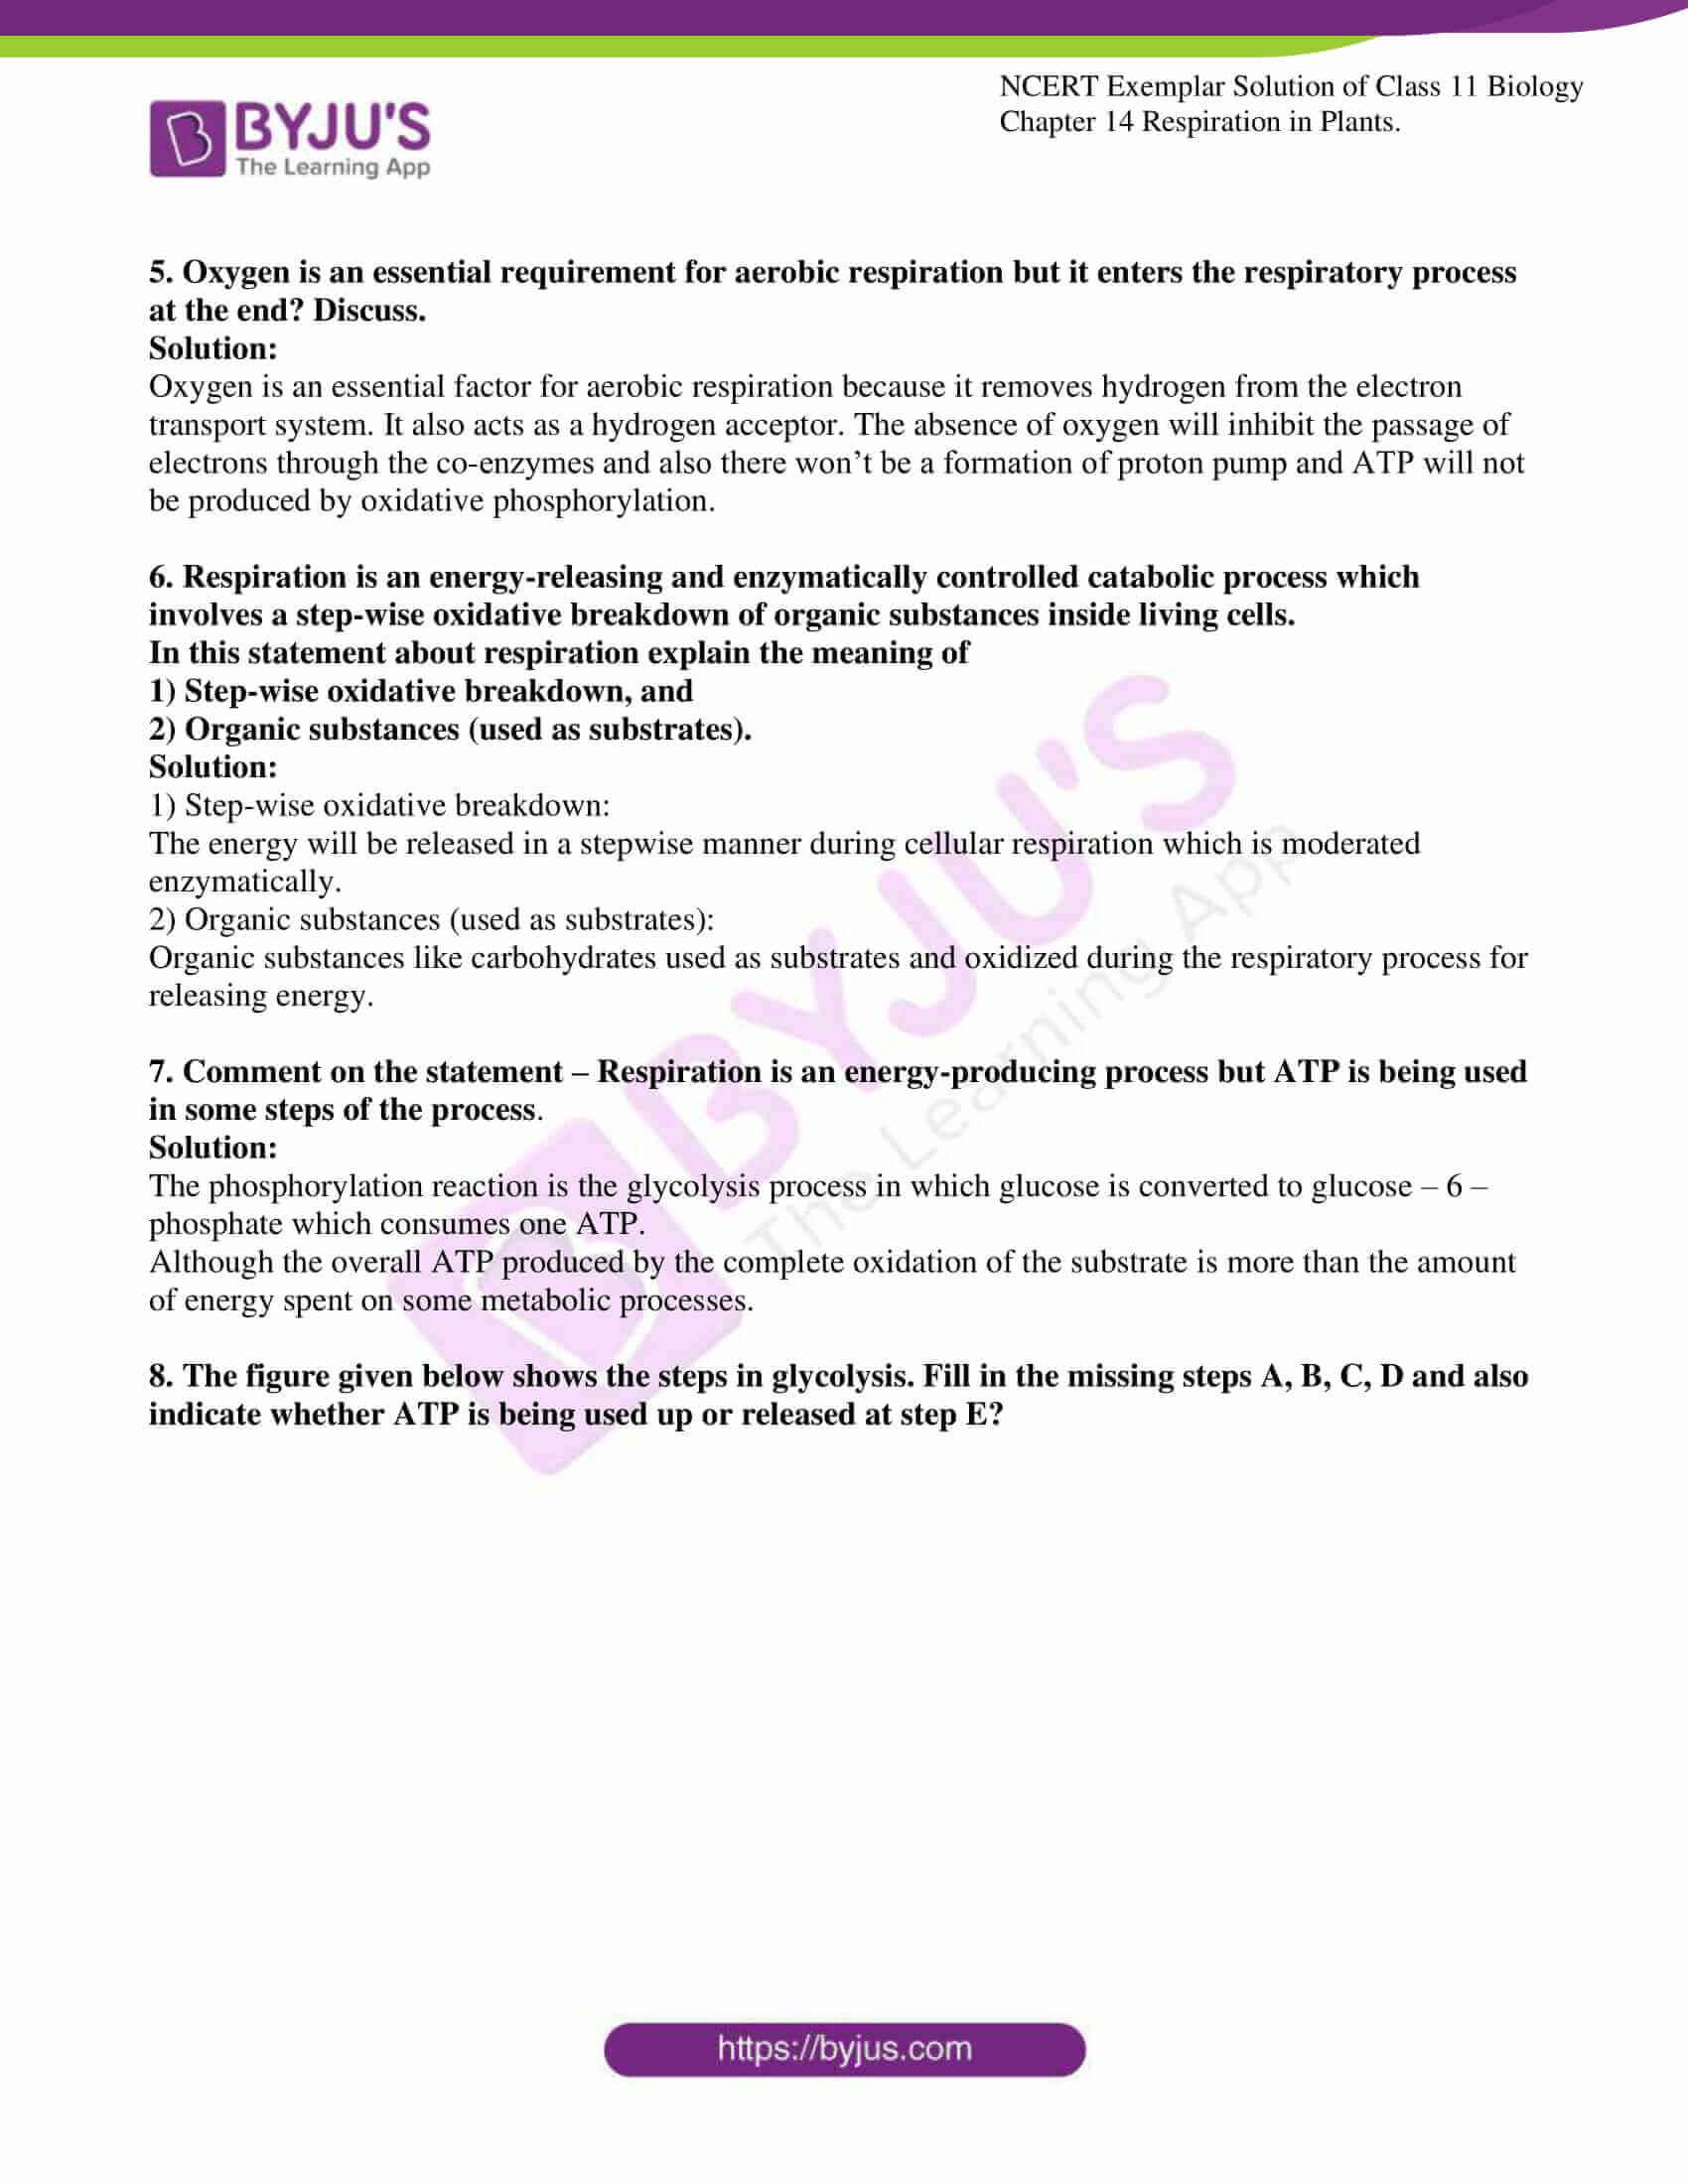 ncert exemplar solutions class 11 biology chapter 14 05